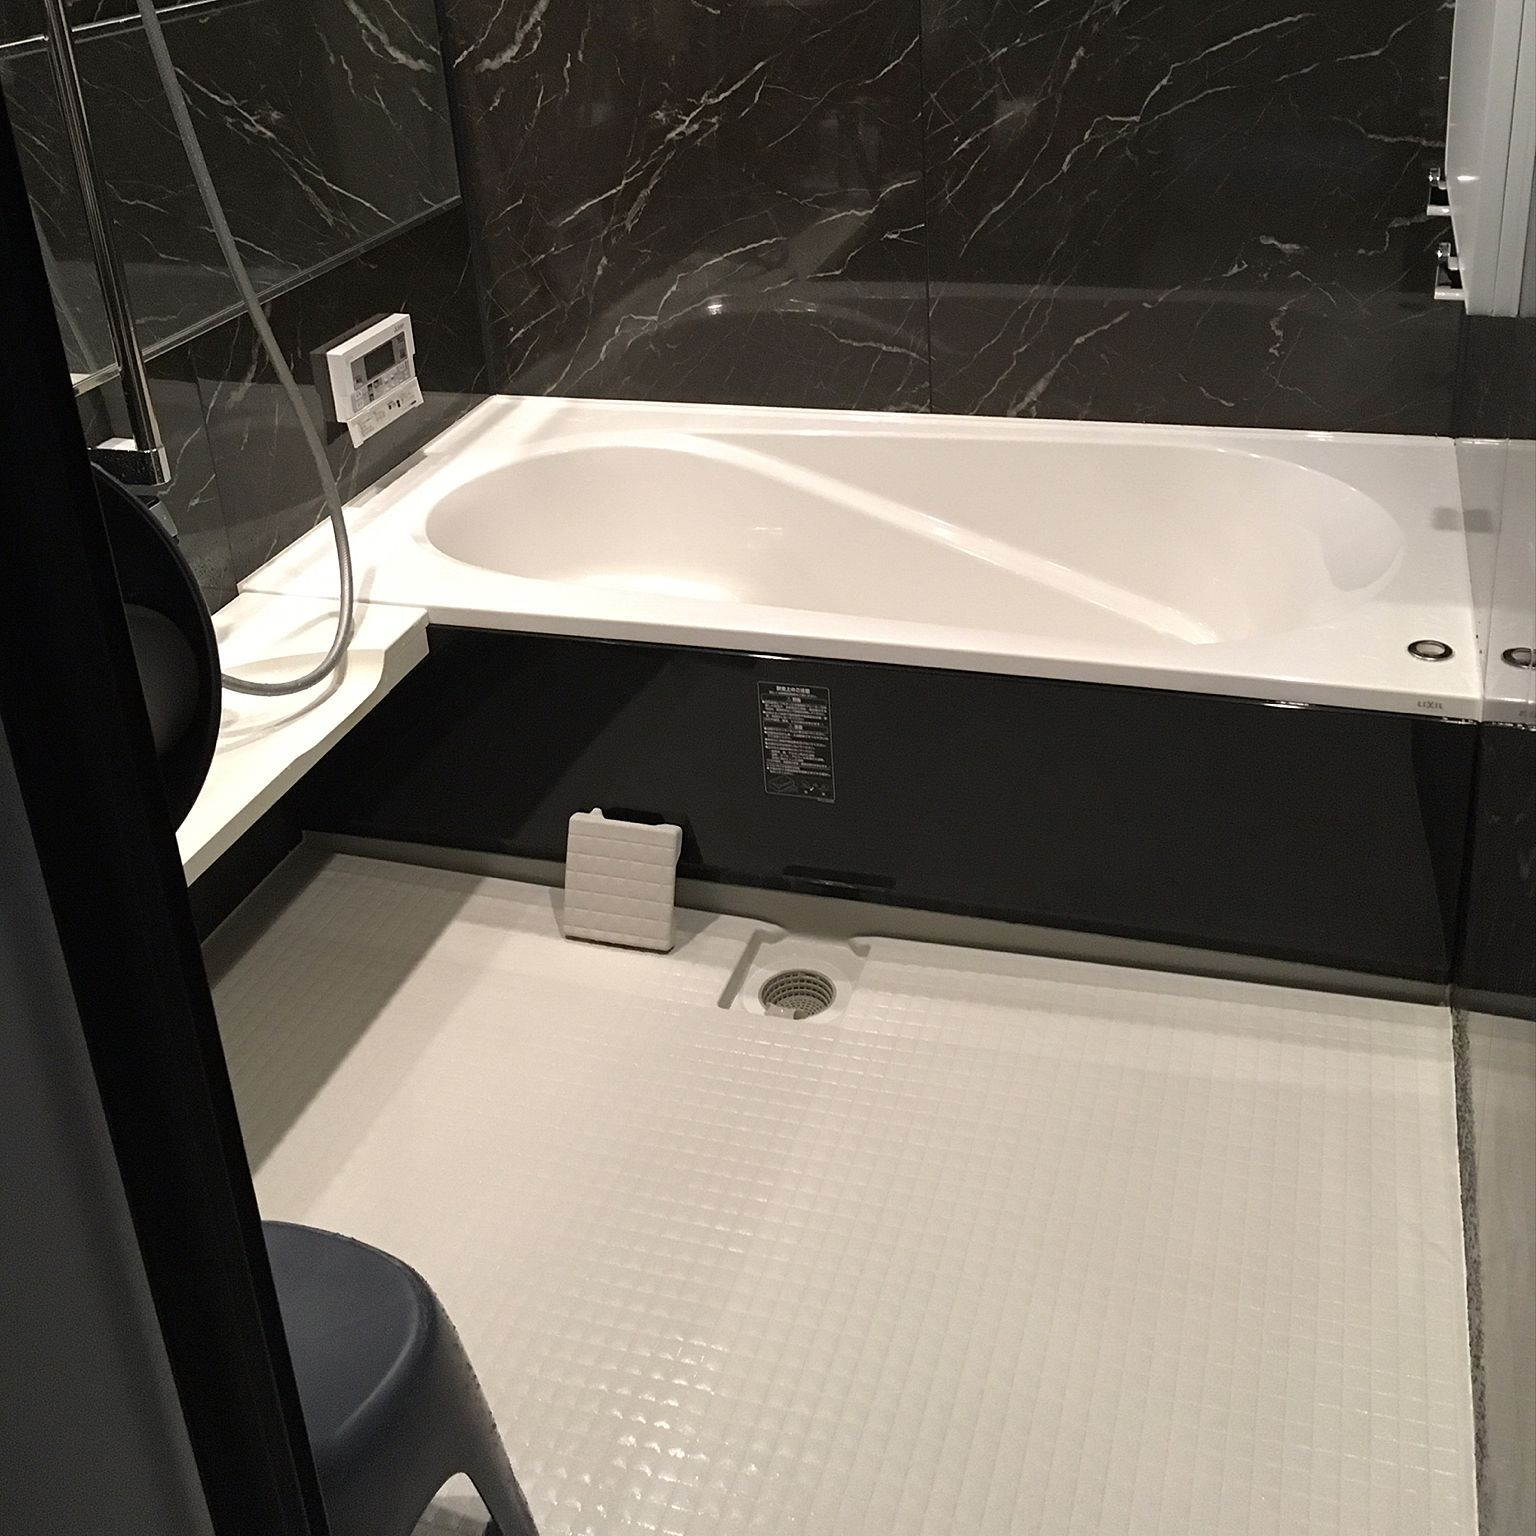 バス トイレ ブラックストーン Lixil リクシル お掃除記録のインテリア